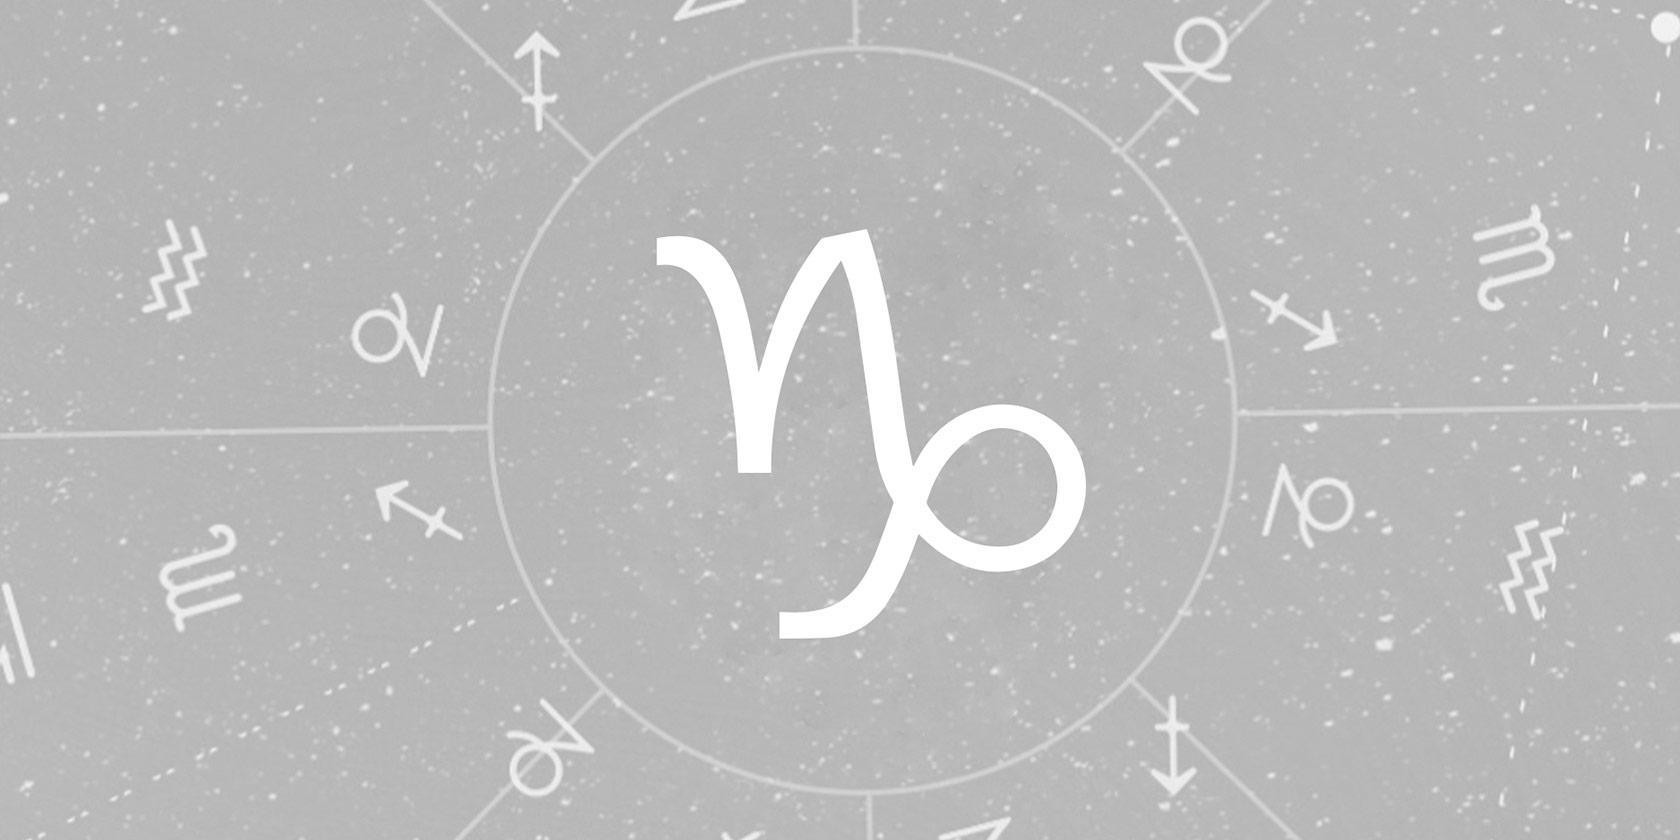 january-horoscope